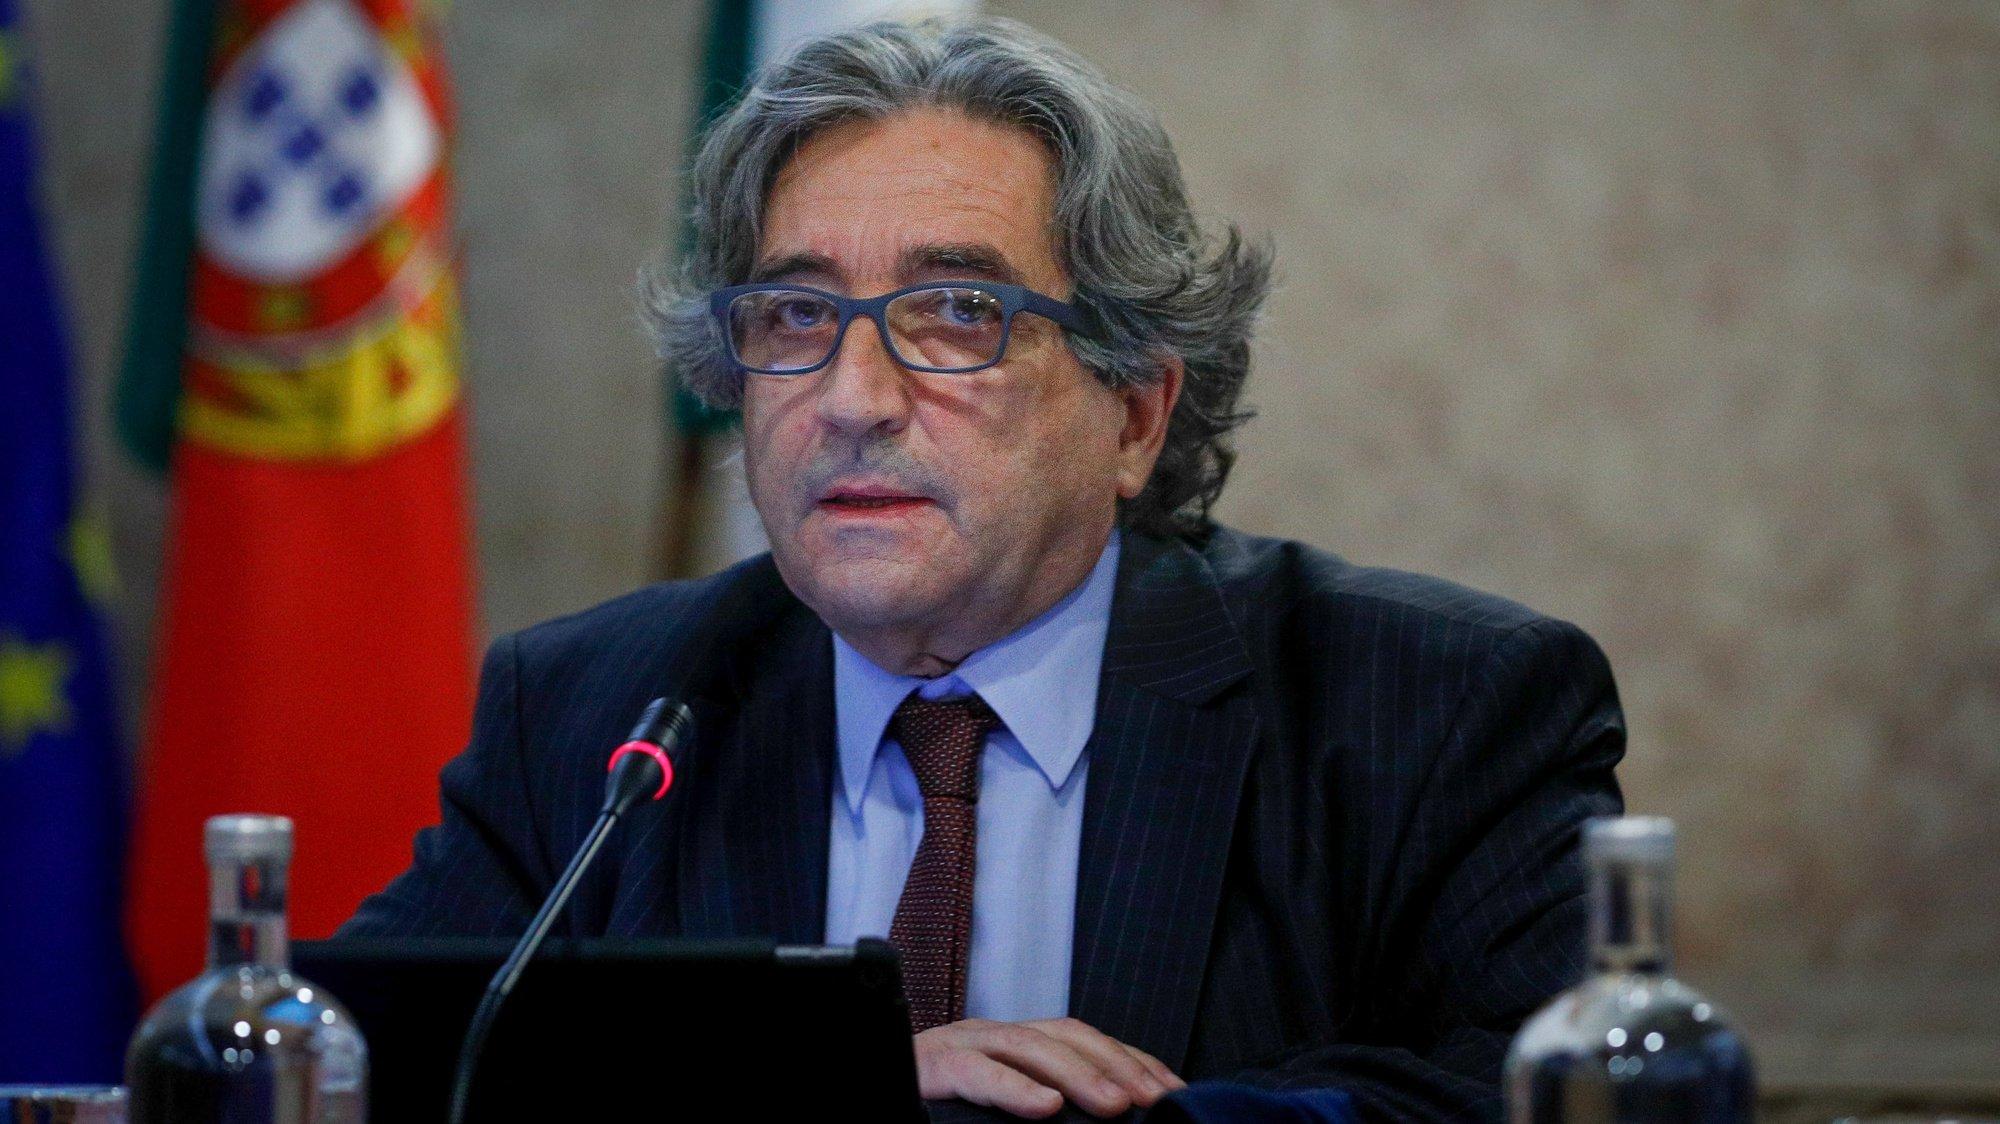 O ministro do Mar,  Ricardo Serrão Santos, durante a sua audição na Comissão de Agricultura e Mar, na Assembleia da República, em Lisboa, 25 de maio de 2021.ANTÓNIO COTRIM/LUSA